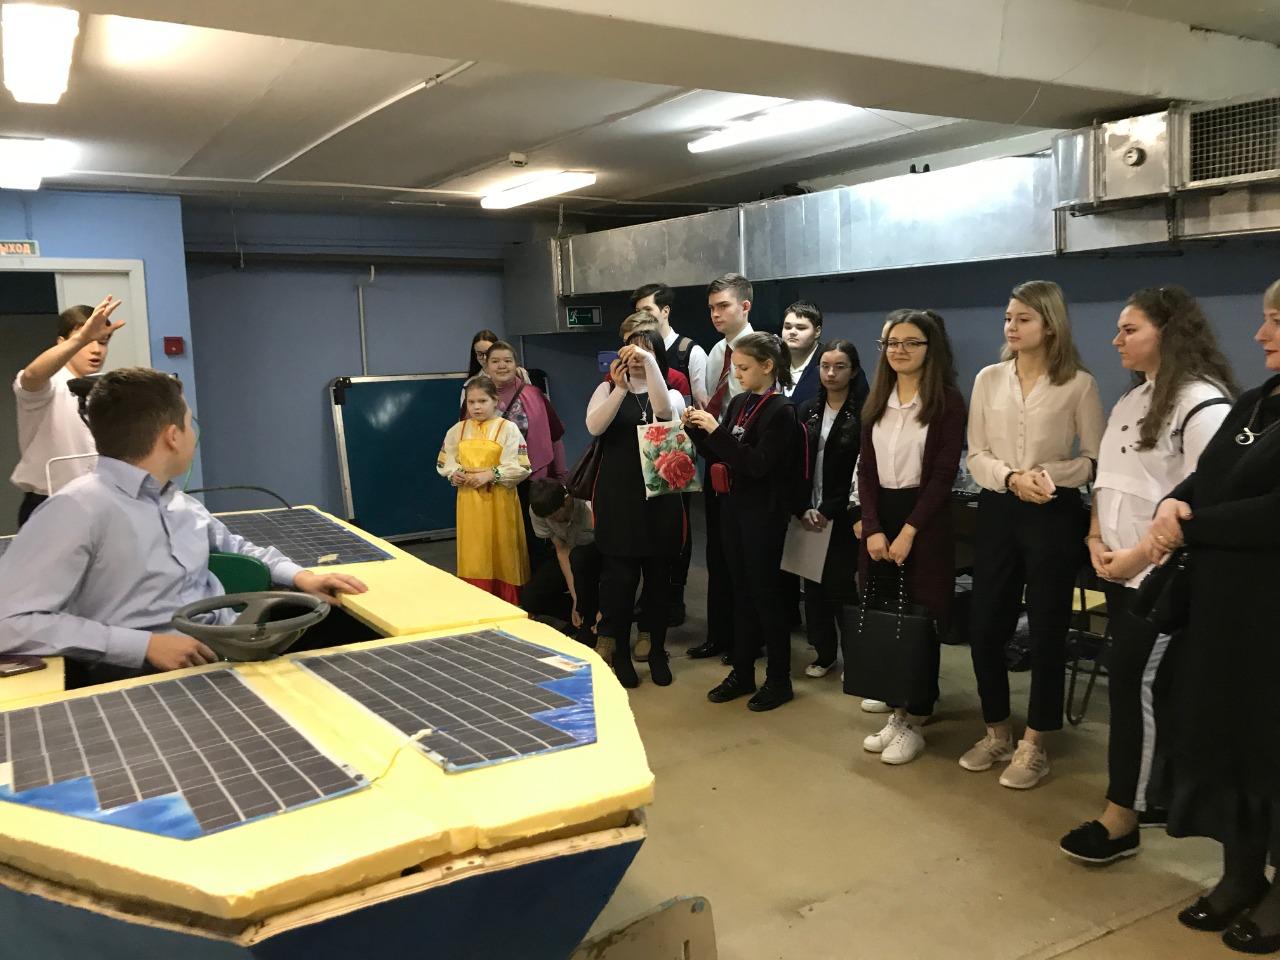 Демострация проекта на конкурс Юниор Исследовательское судно на солнечных батареях